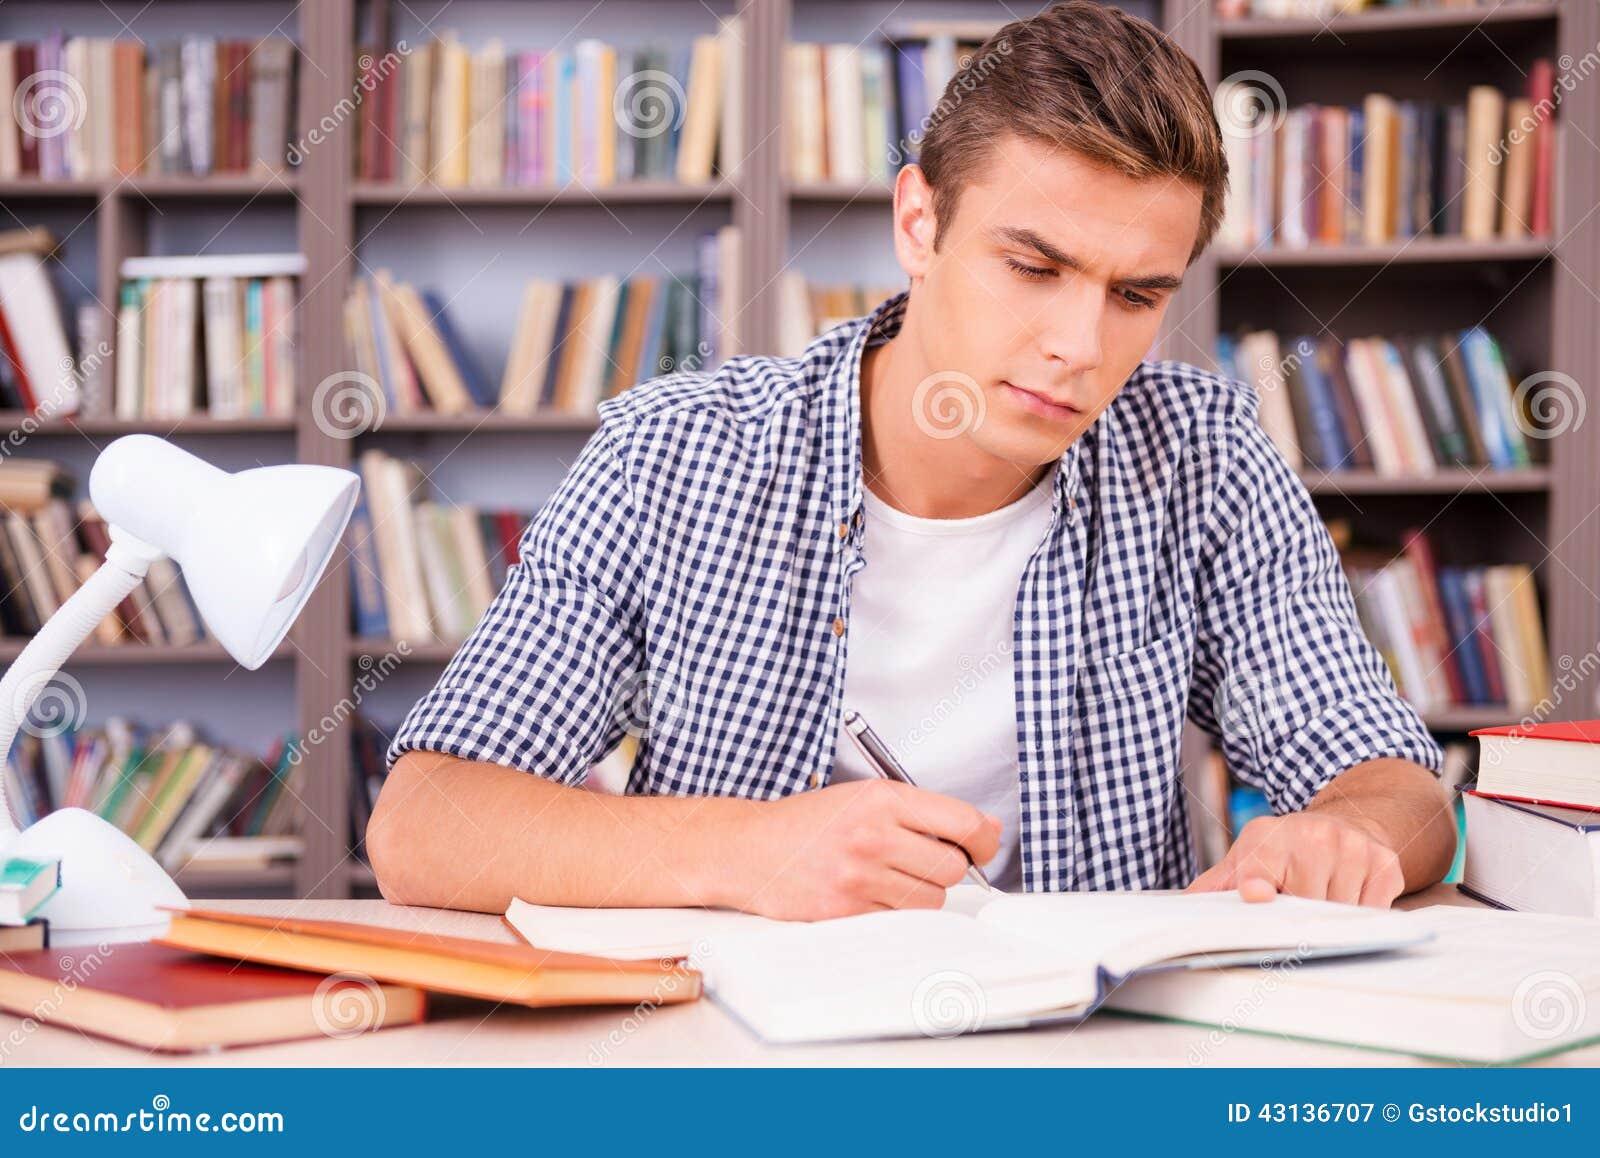 Estudo duramente para boas categorias